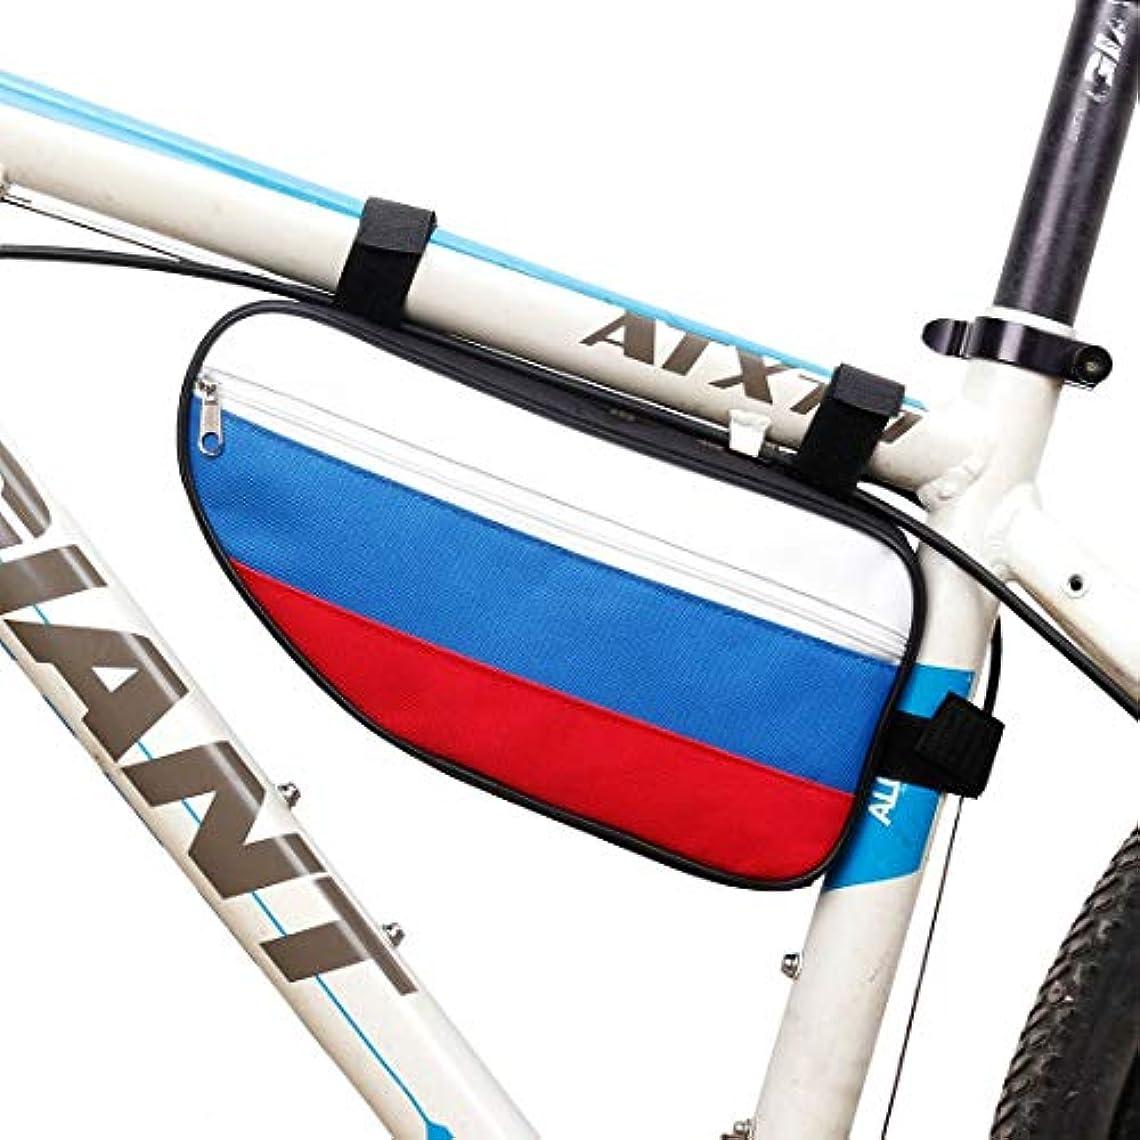 ファウル無許可狂気随州高新区酷冰便利购物店 自転車フレームバッグ、屋外サイクリングアクセサリー自転車フロントチューブトライアングルバッグ (色 : ホワイト)